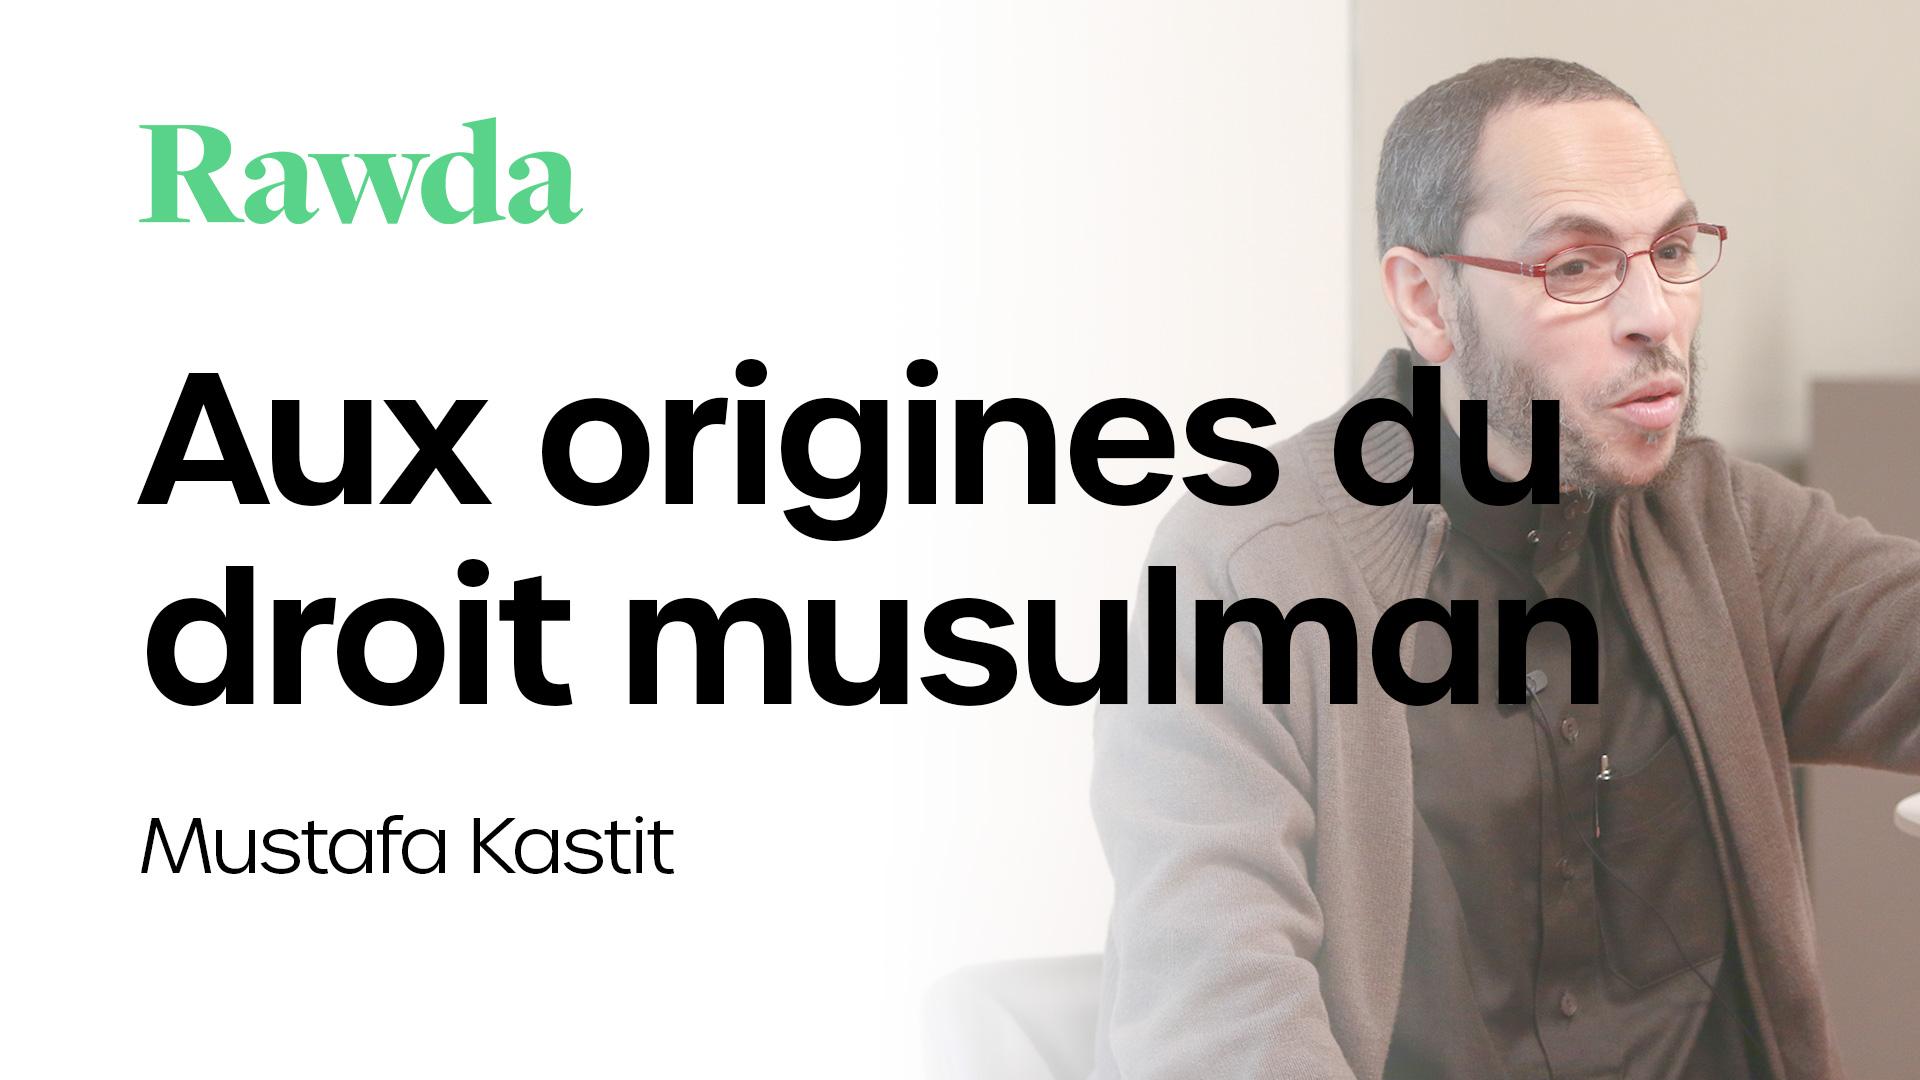 Miniature du cours : Aux origines du droit musulman avec Mustafa Kastit